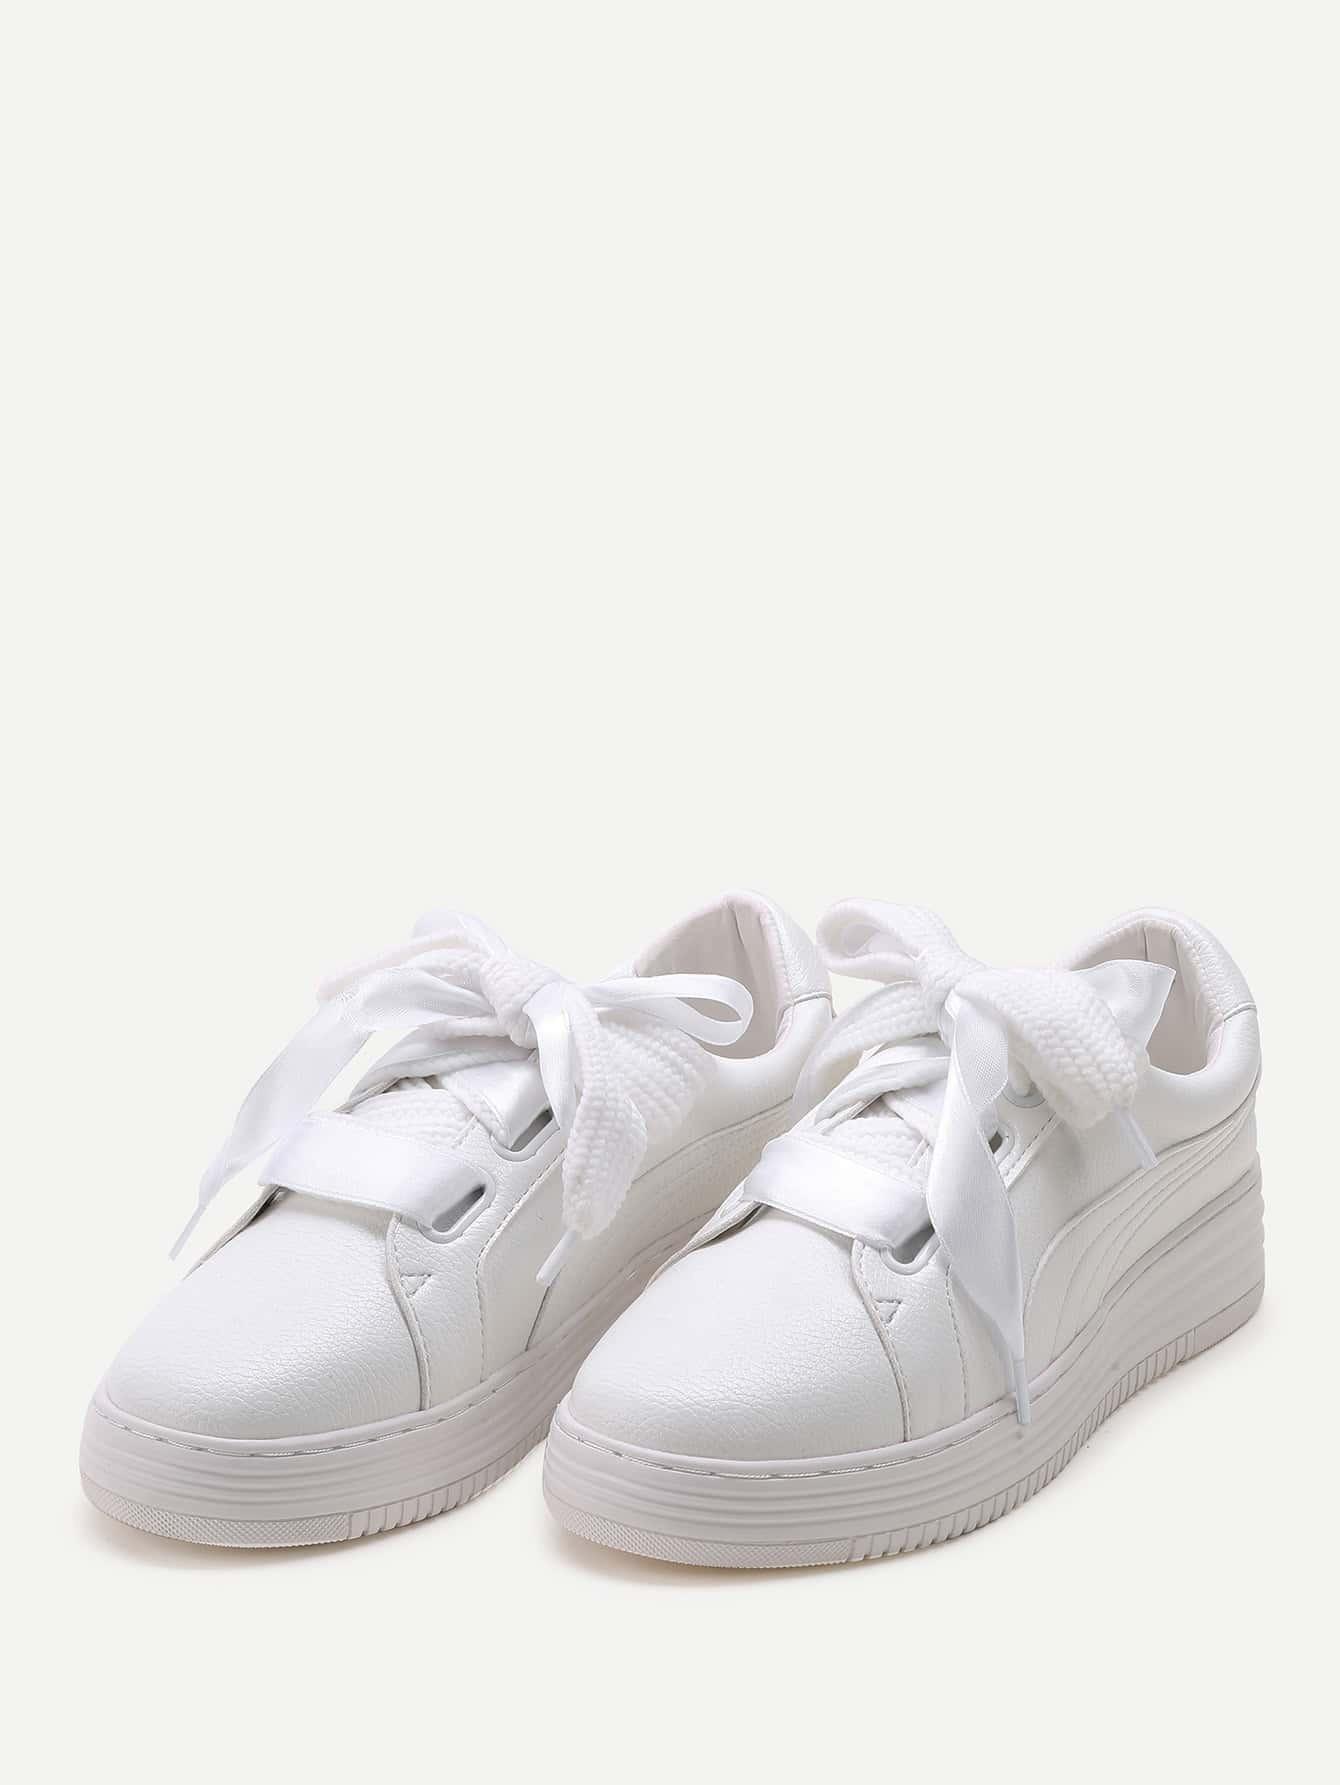 shoes170320811_2